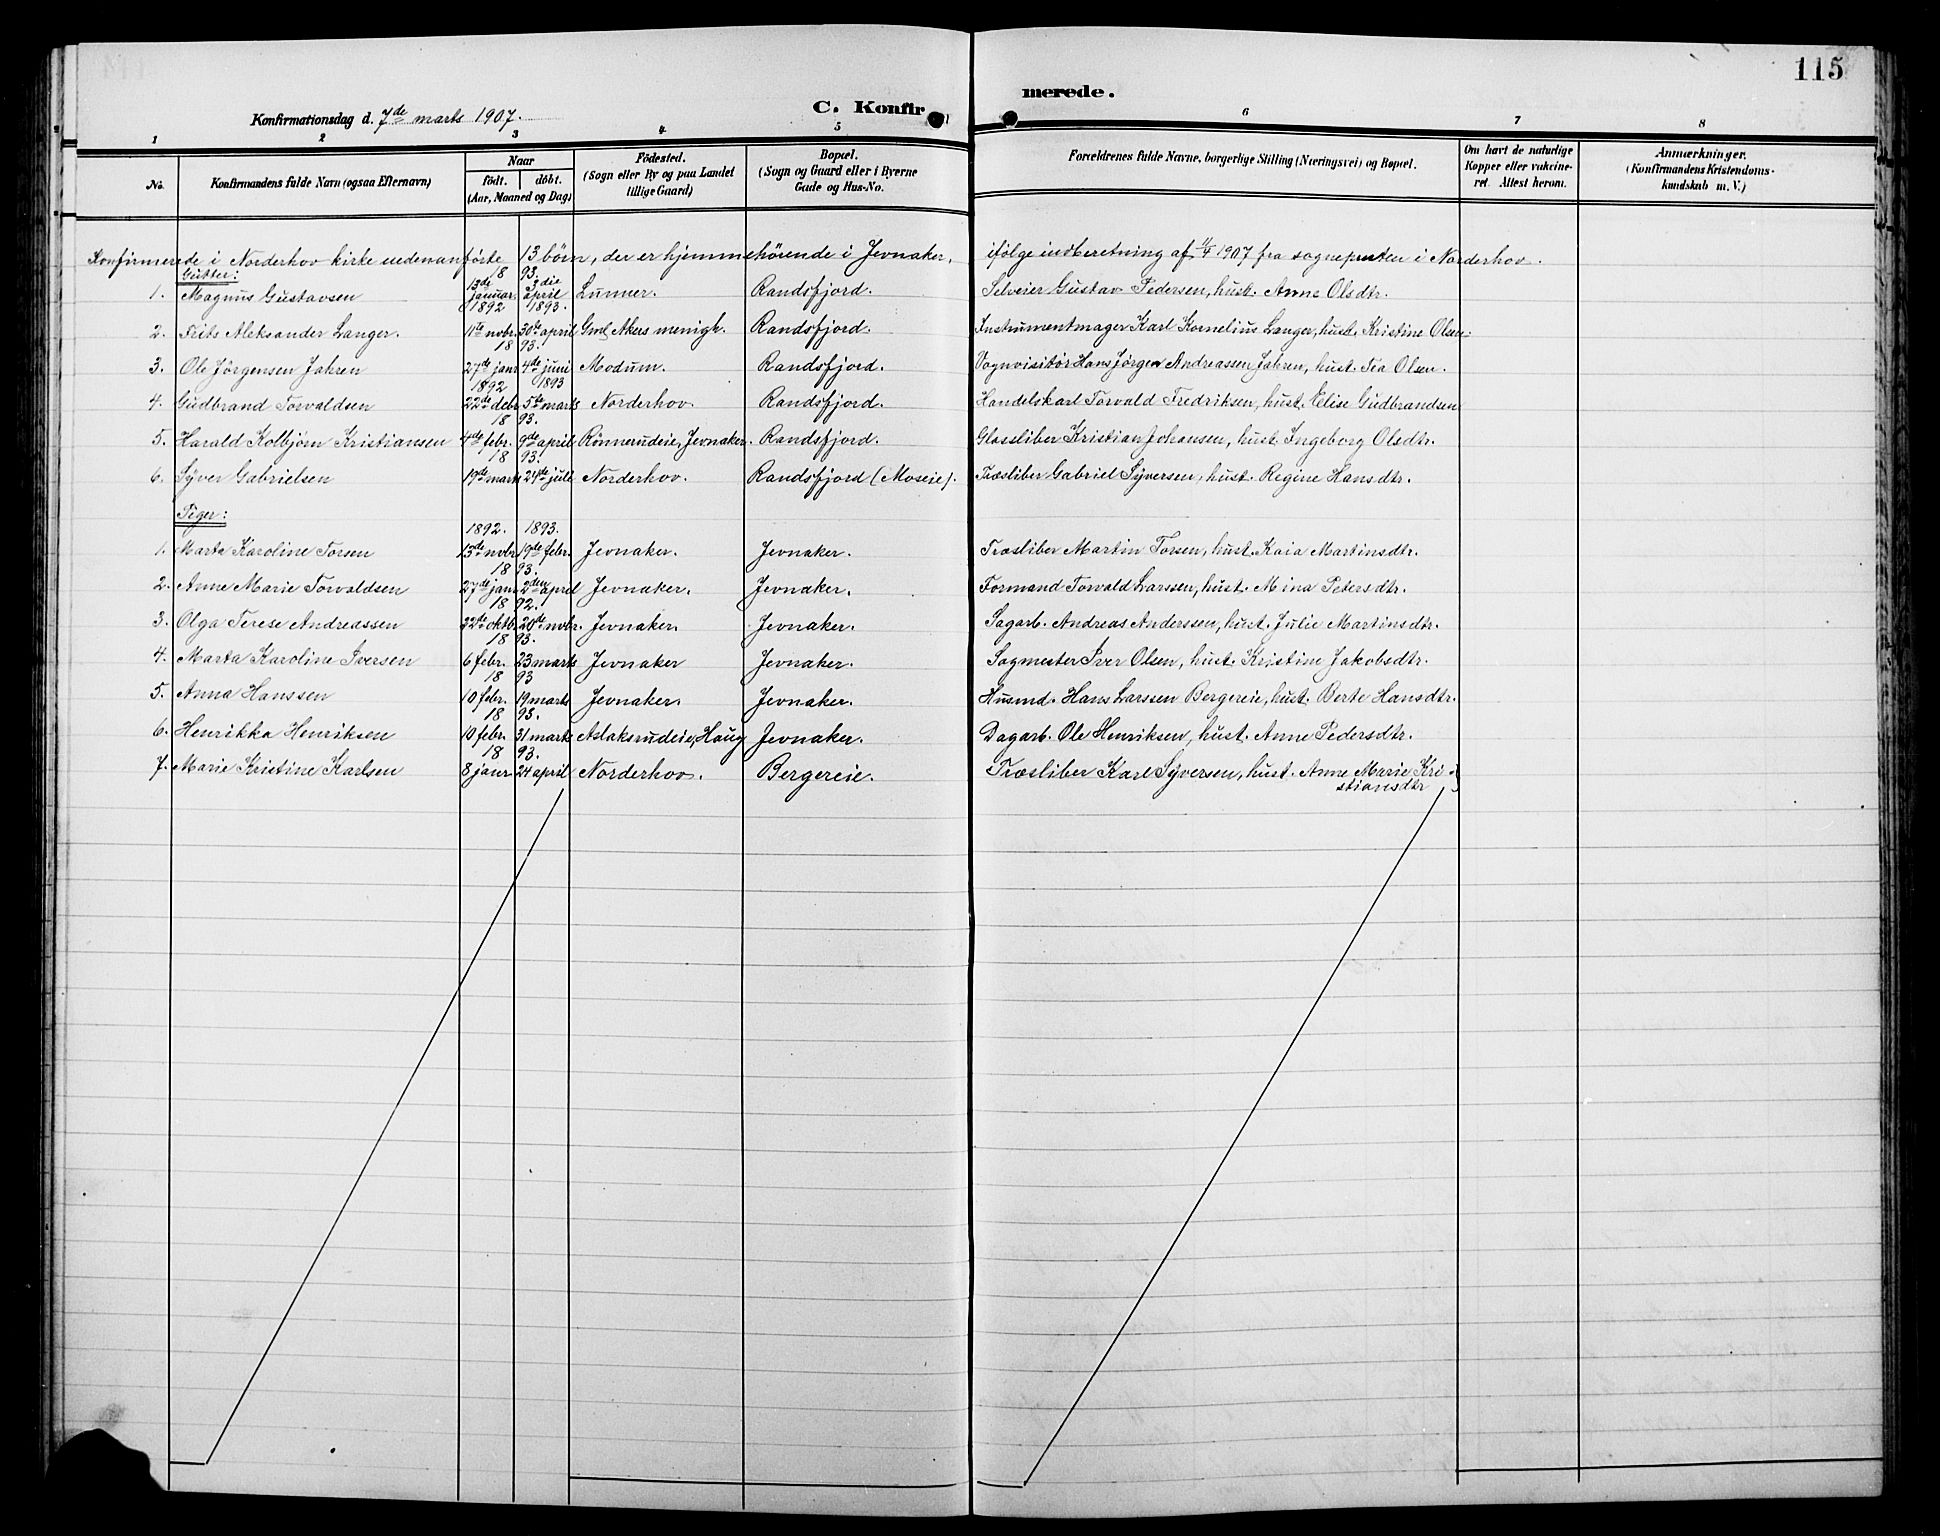 SAH, Jevnaker prestekontor, Klokkerbok nr. 4, 1907-1918, s. 115